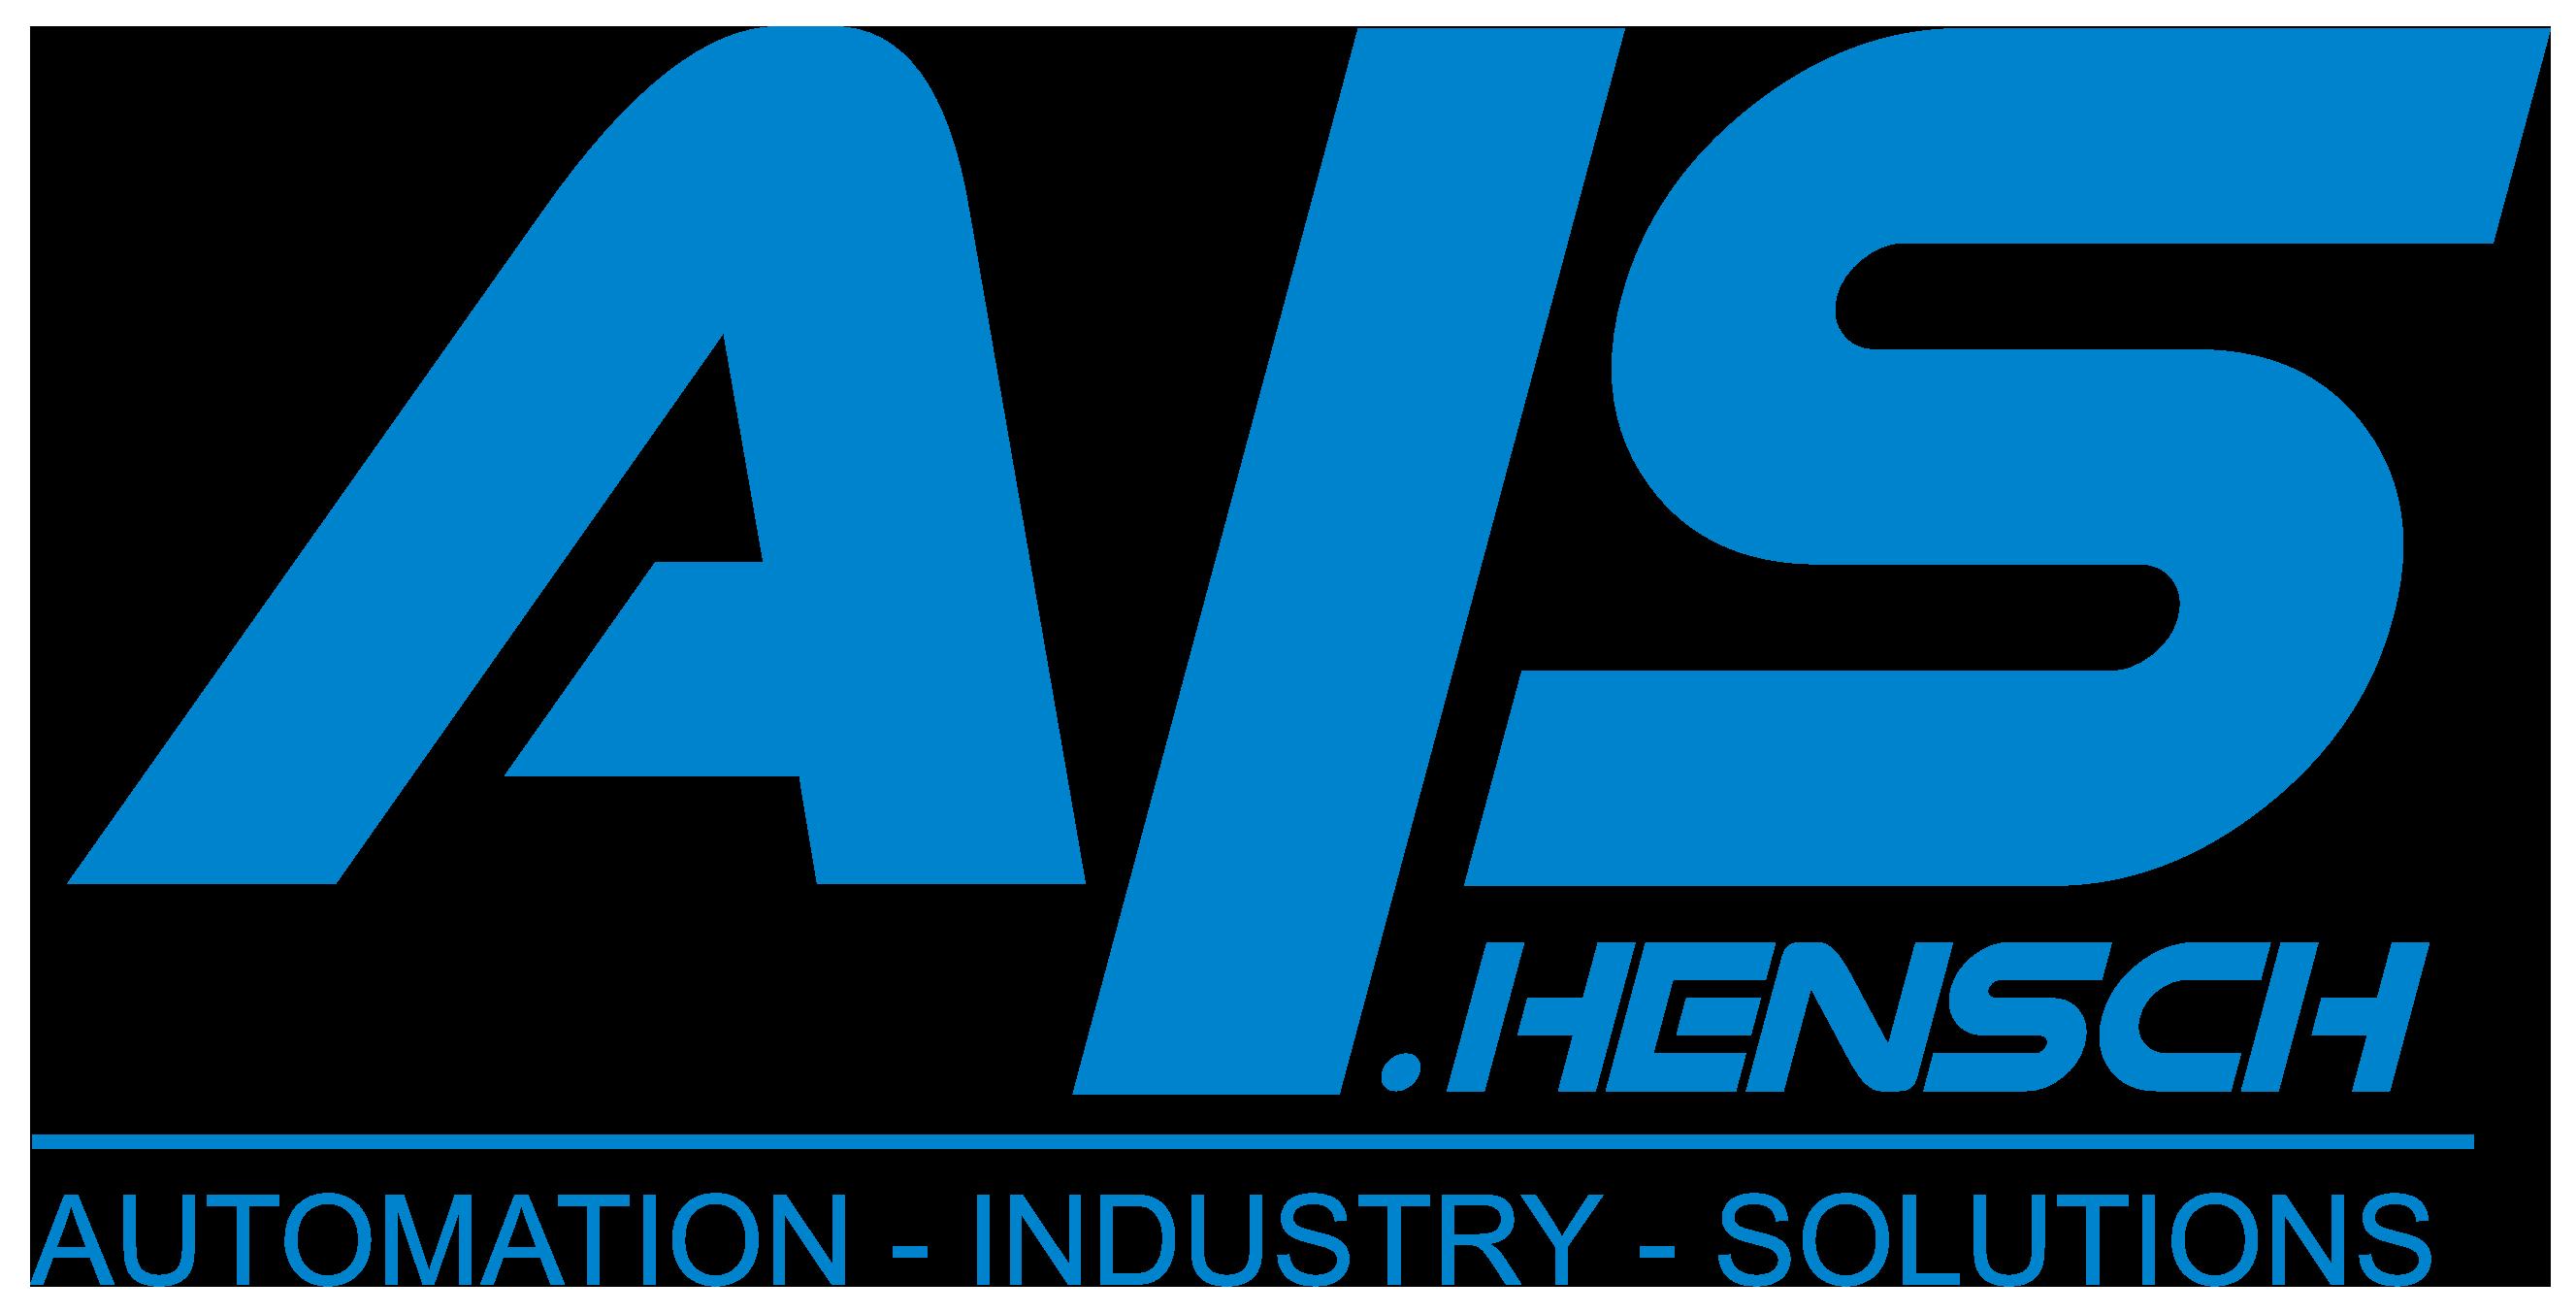 AIS Hensch